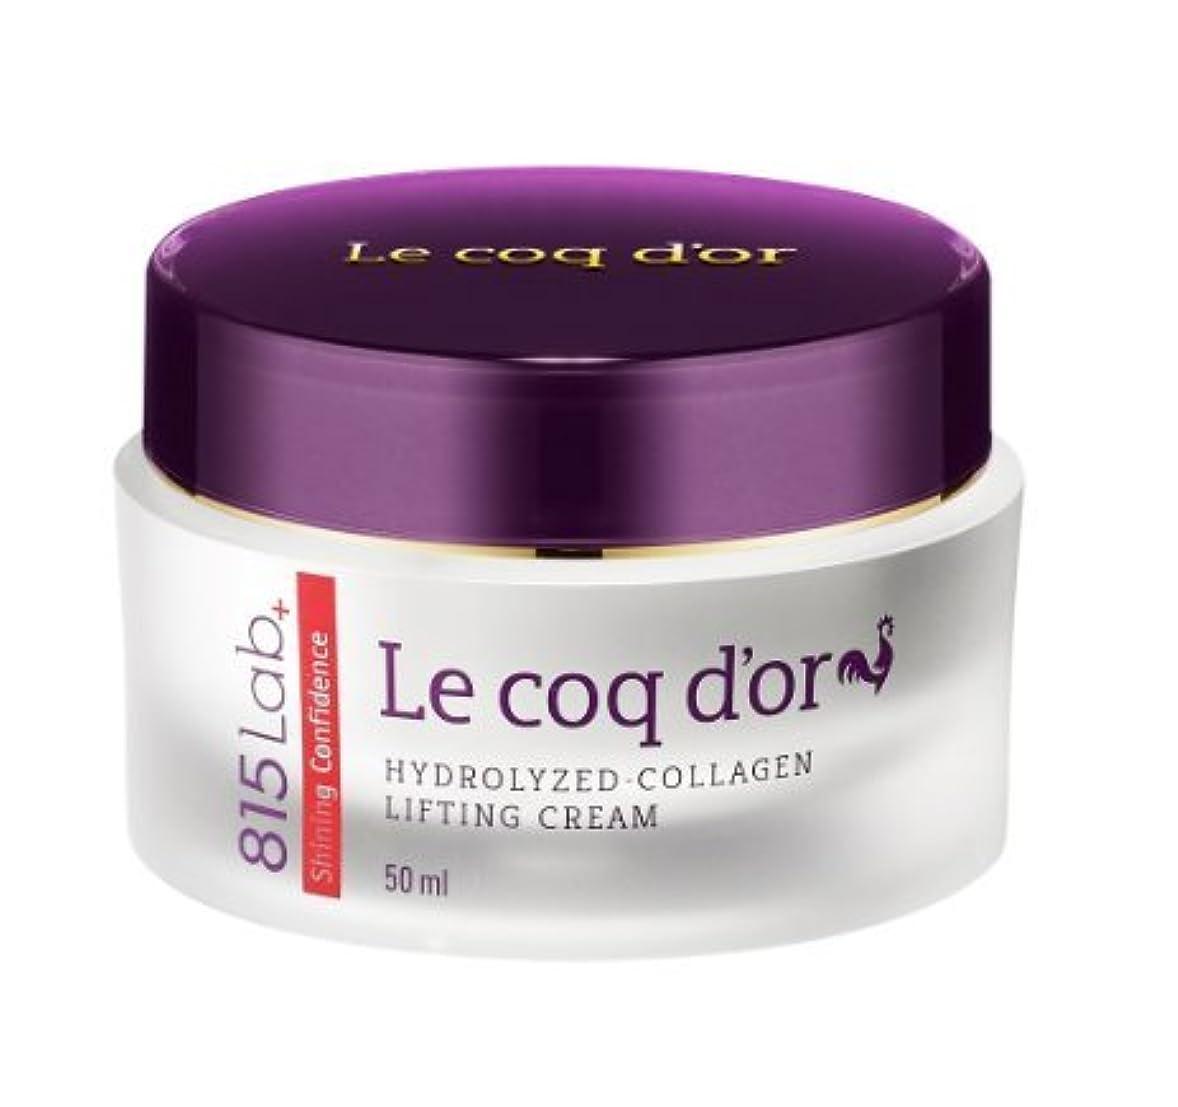 ホールドオール対ブレイズONEFACE Le coq d'or Hydrolyzed -Collagen Lifting Cream (50ml) [並行輸入品]